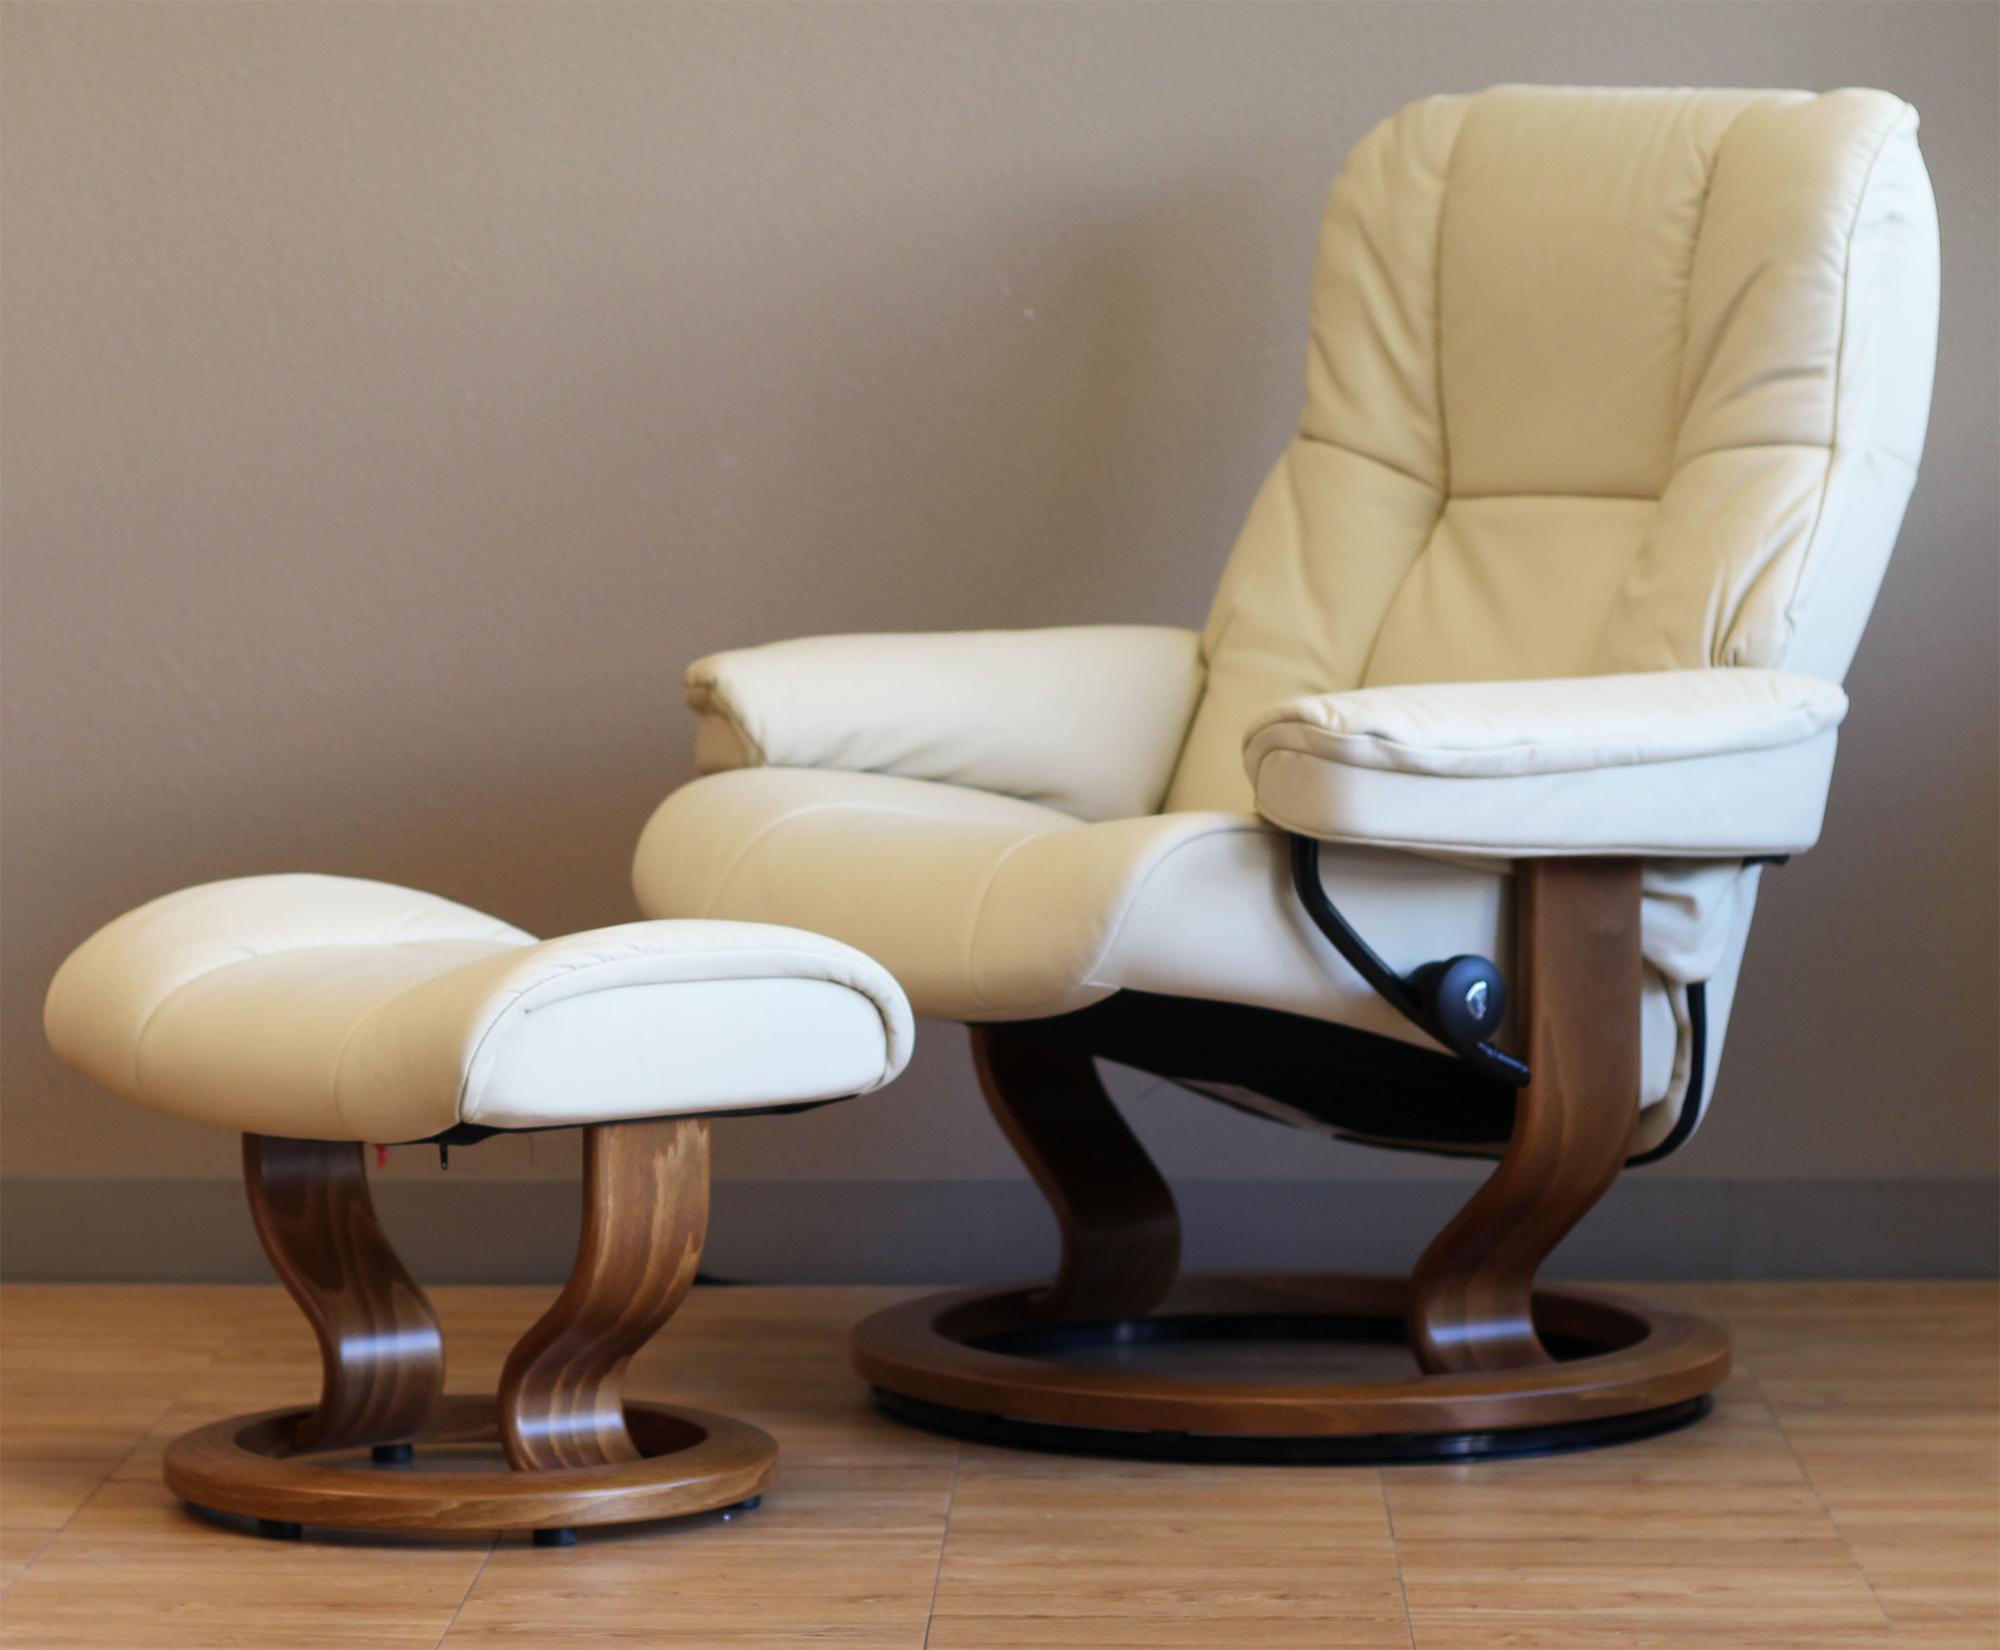 Marvelous Stressless Mayfair Paloma Kitt Leather Recliner Chair By Ekornes